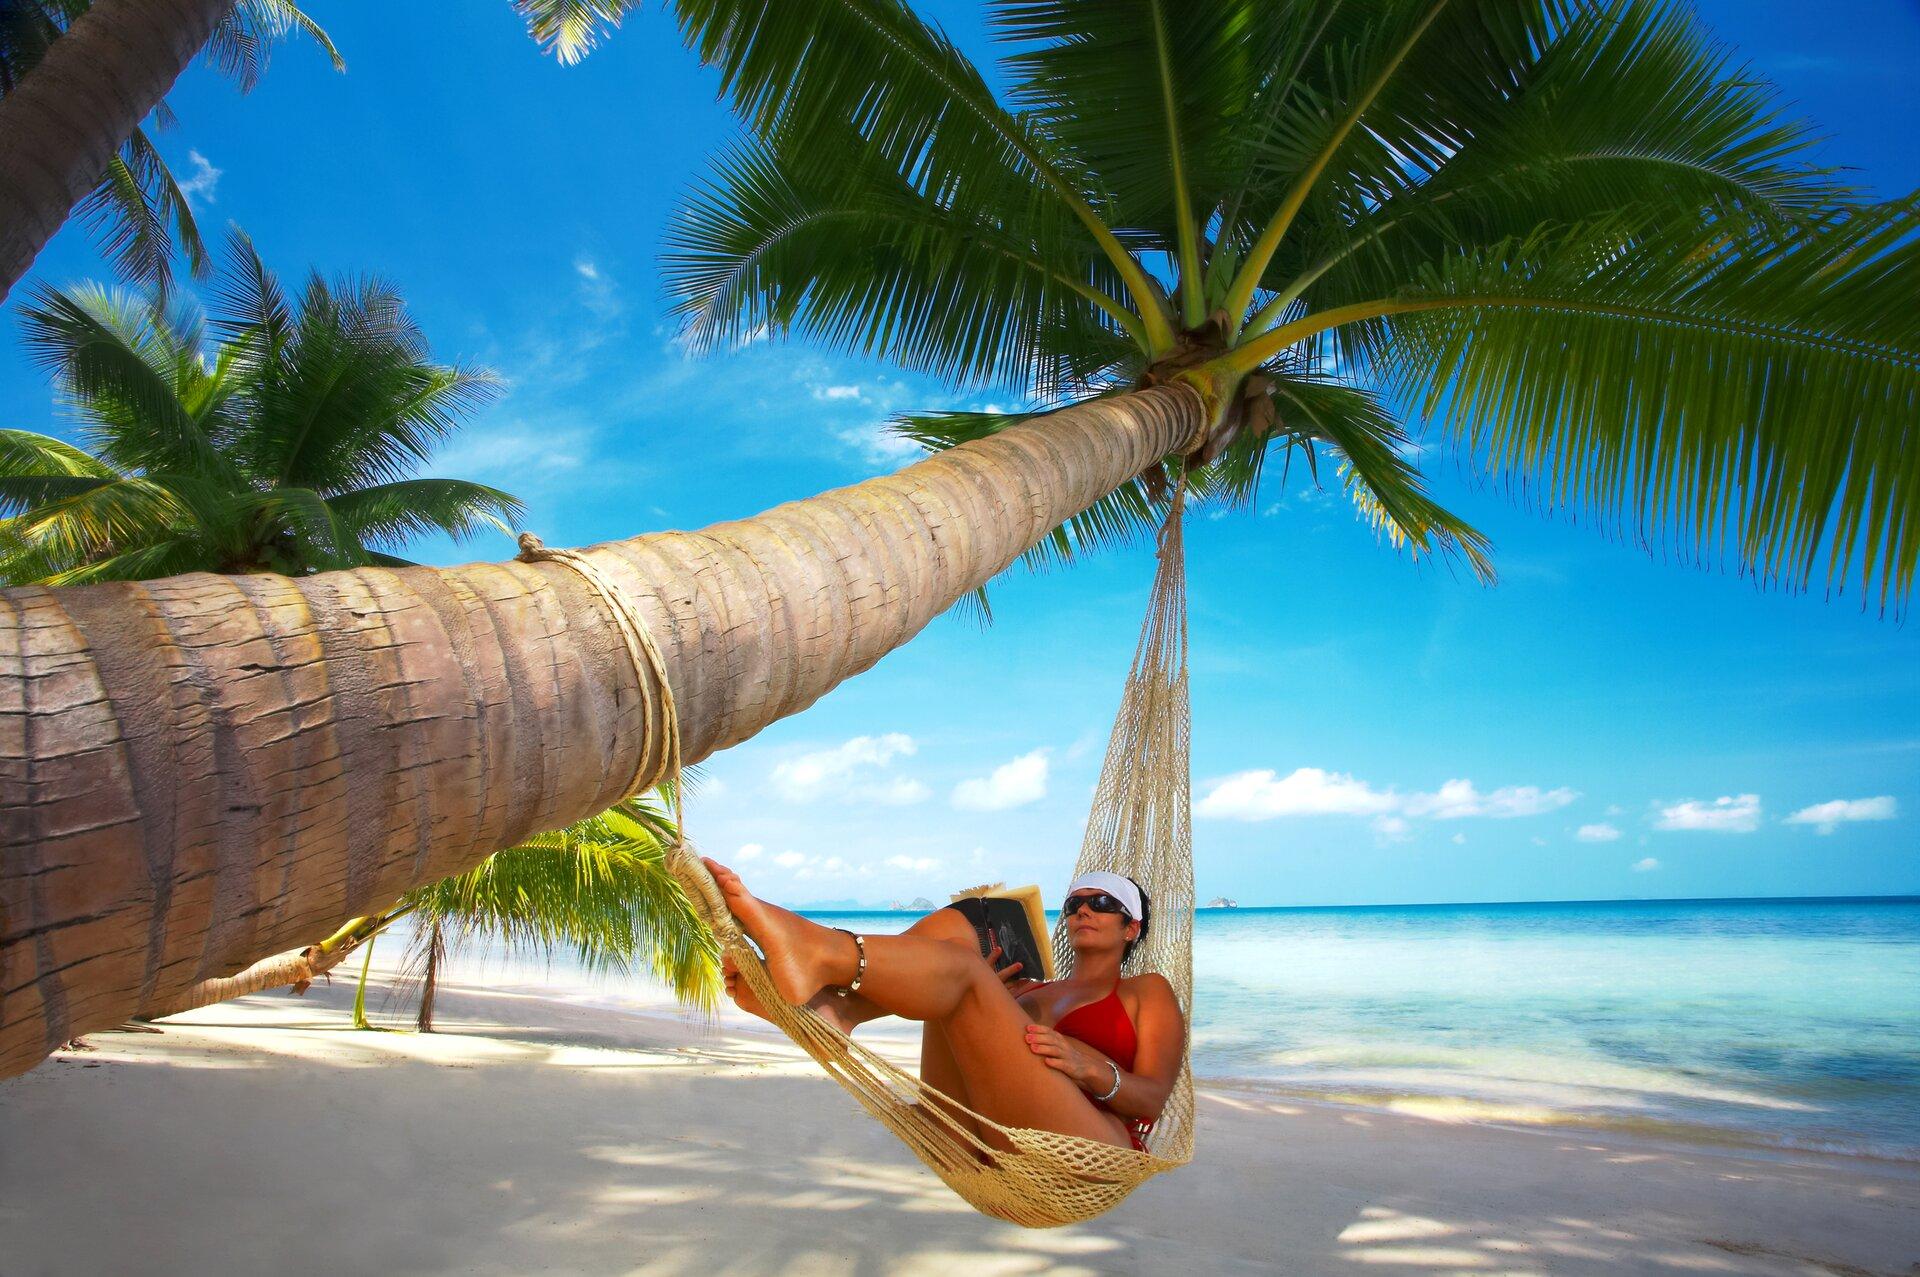 Zdjęcie przedstawia kobietę odpoczywającą na hamaku.